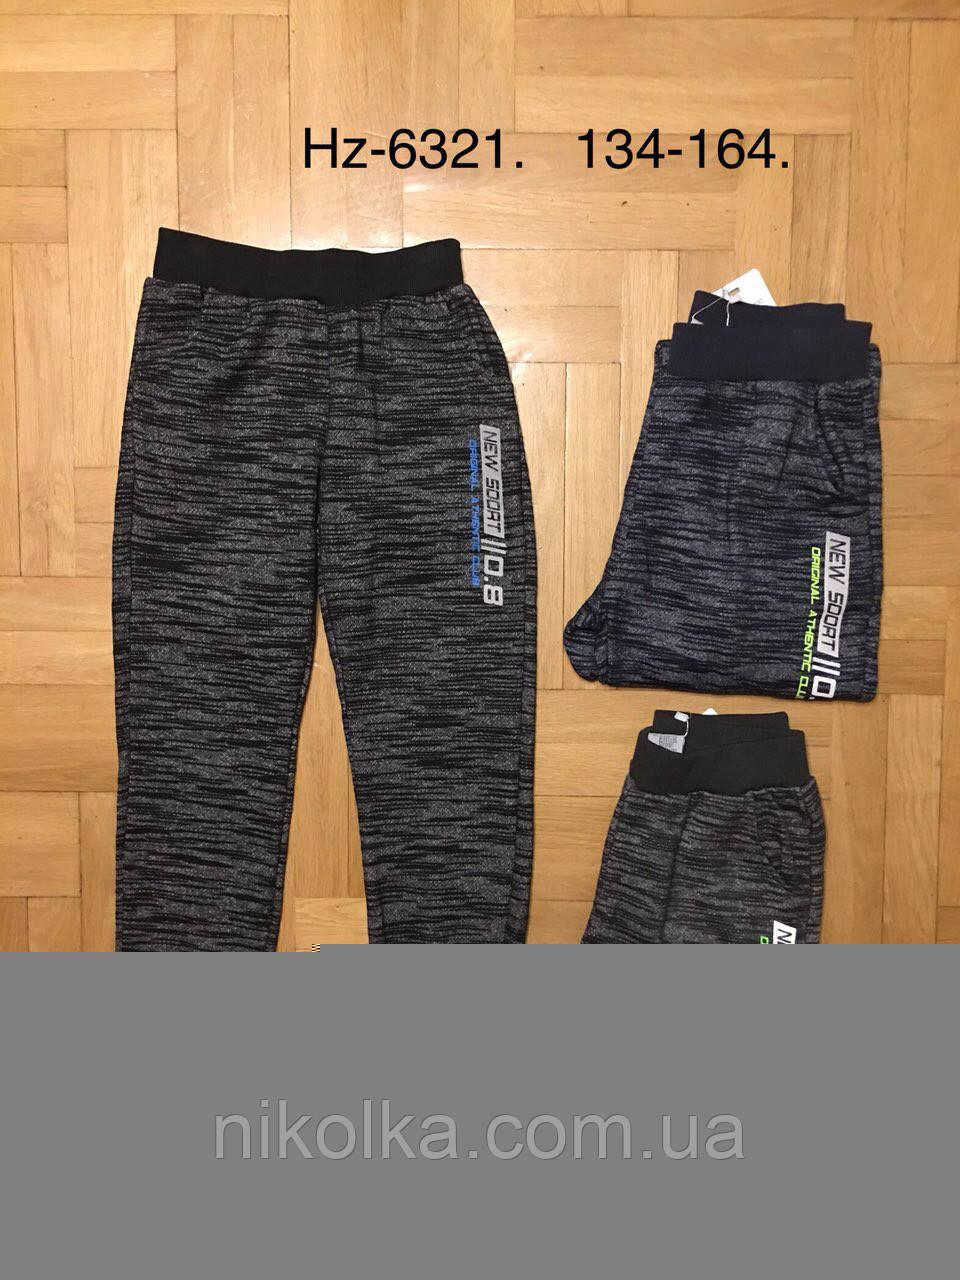 Спортивные брюки для мальчиков оптом, Active Sport, 134-164 рр., арт. HZ-6321